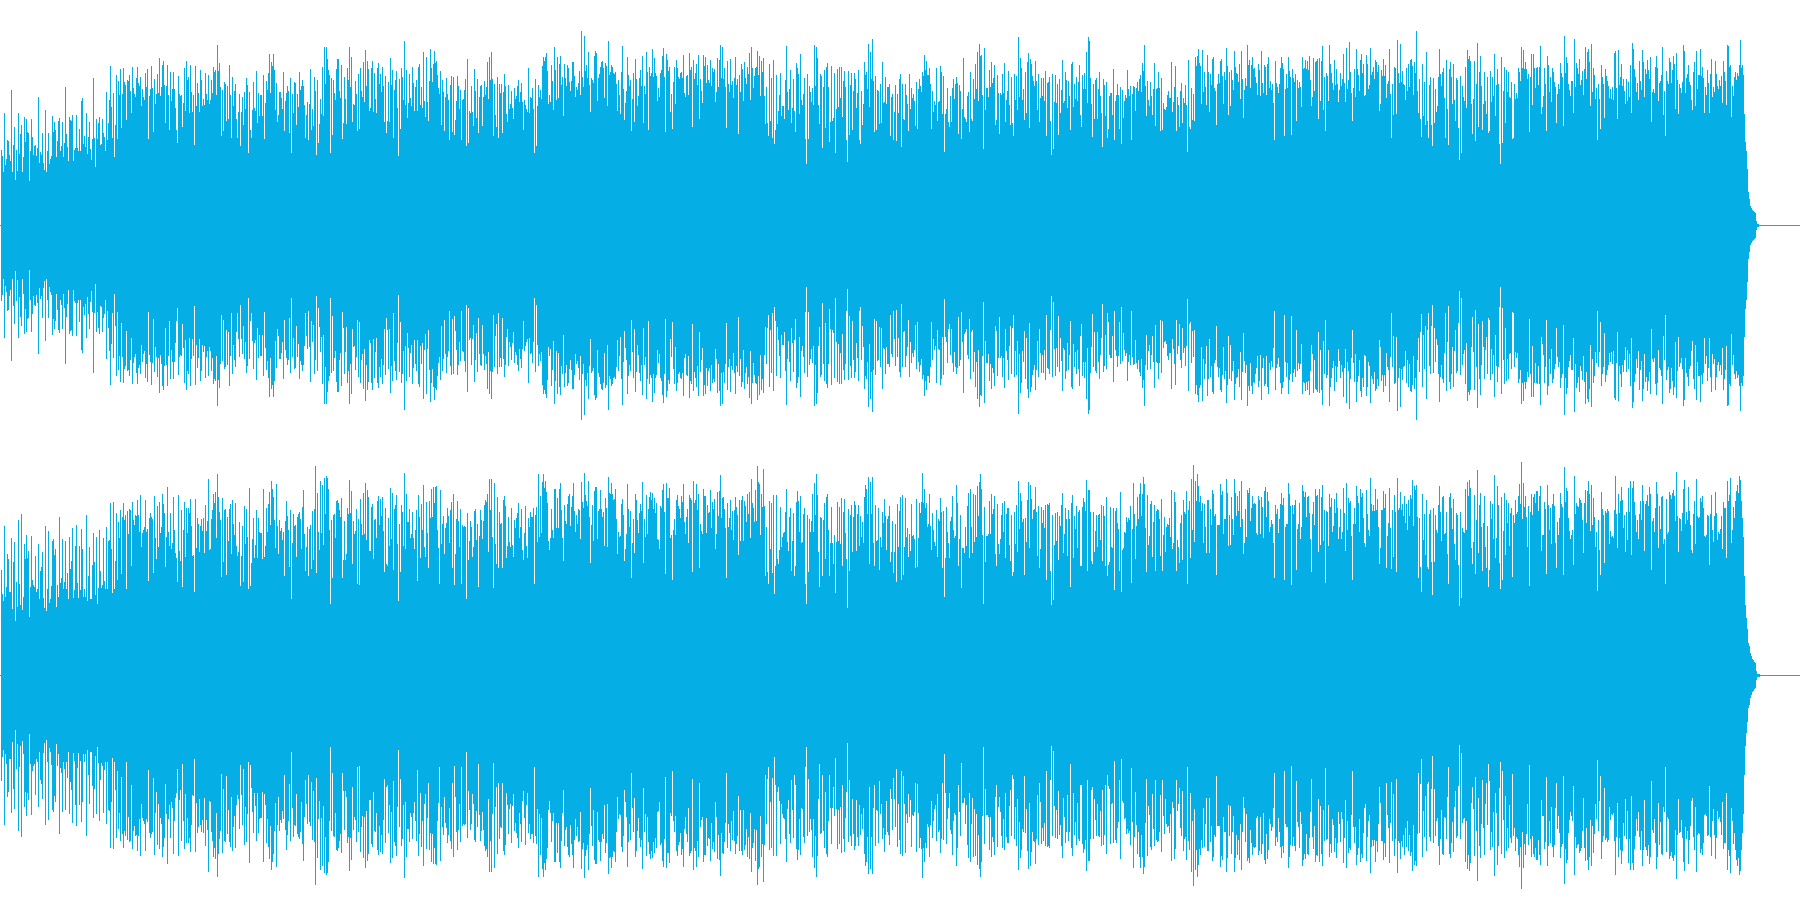 思わずノッてしまう元気なポップ/テクノの再生済みの波形